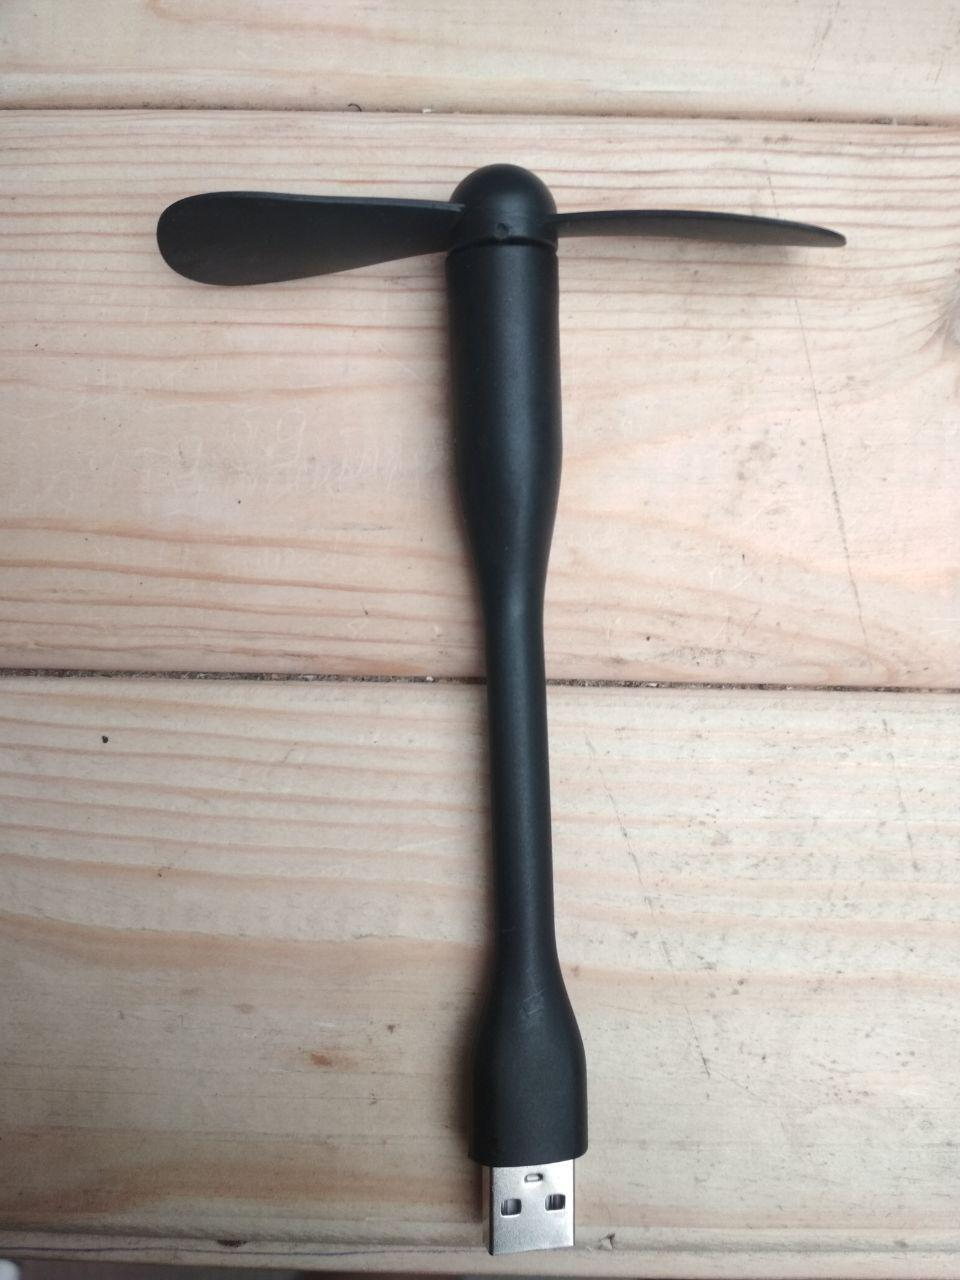 USB MI Fan вентилятор